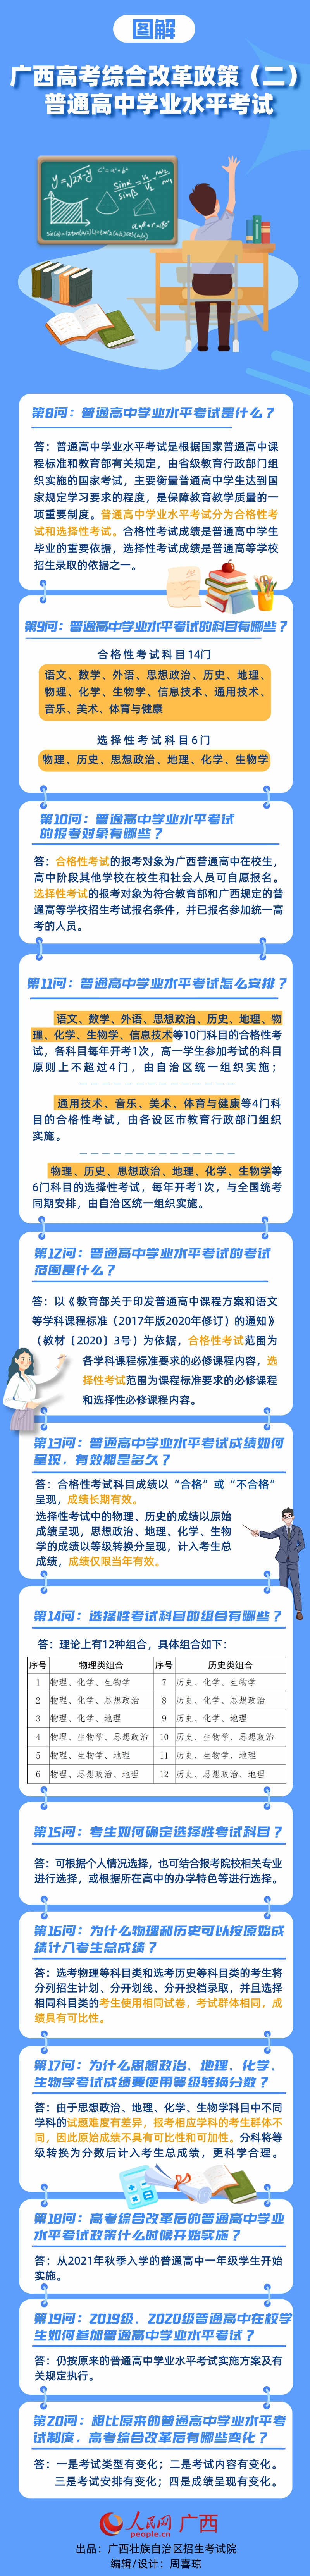 广西:高考综合改革政策图解图2